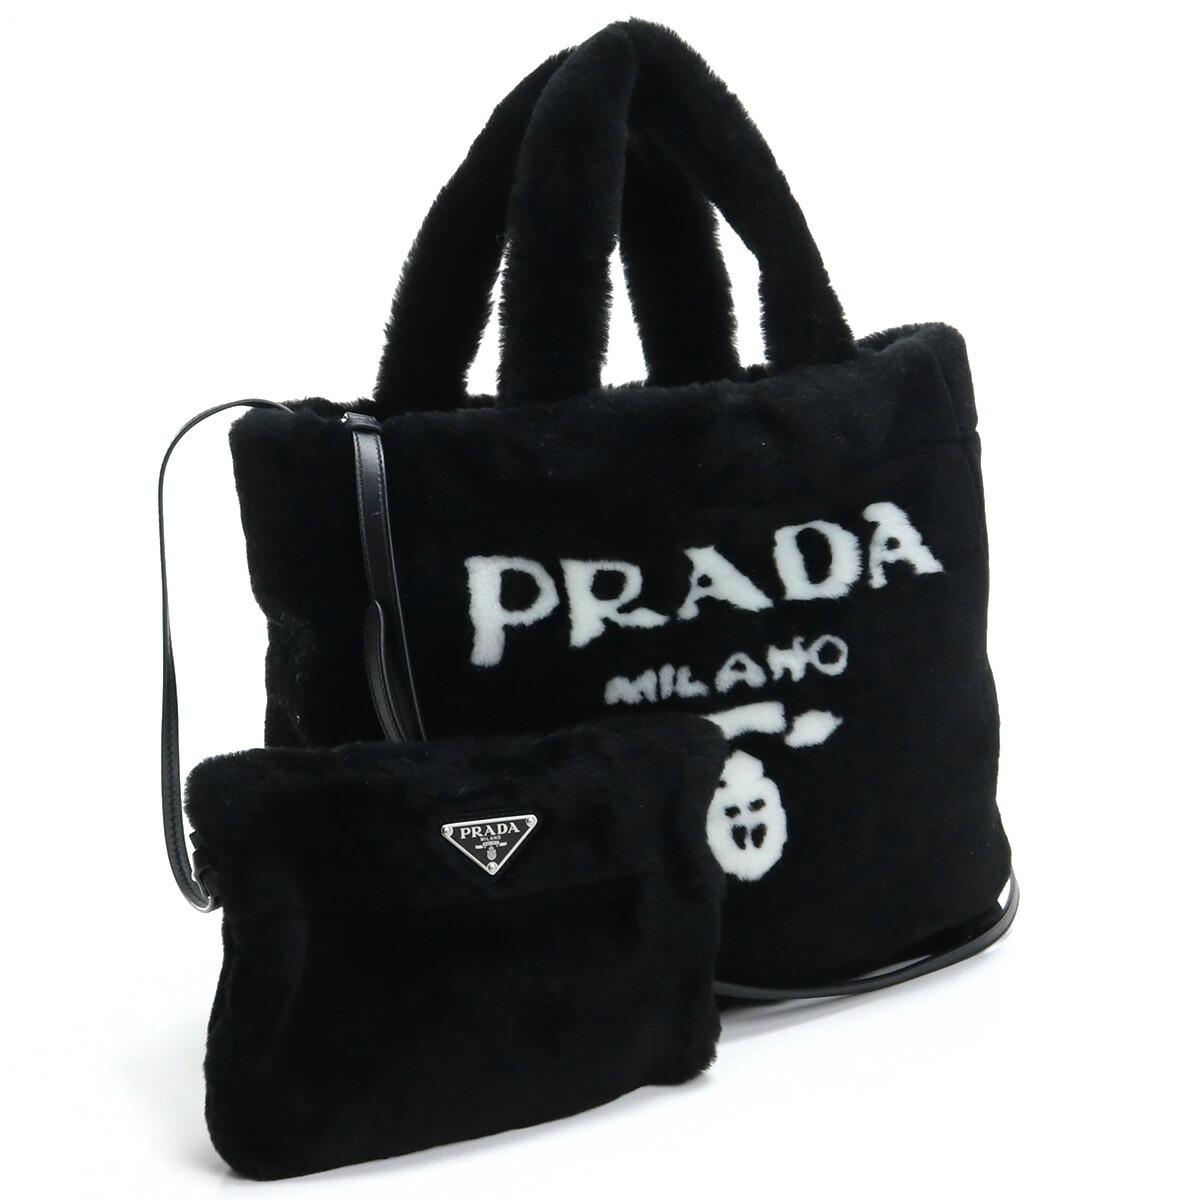 プラダ PRADA  トートバッグ ブランドバッグ ブランドロゴ ファ-バッグ 1BG374 2EC9 V MIO F0967 NERO+BIANCO ブラック bag-01